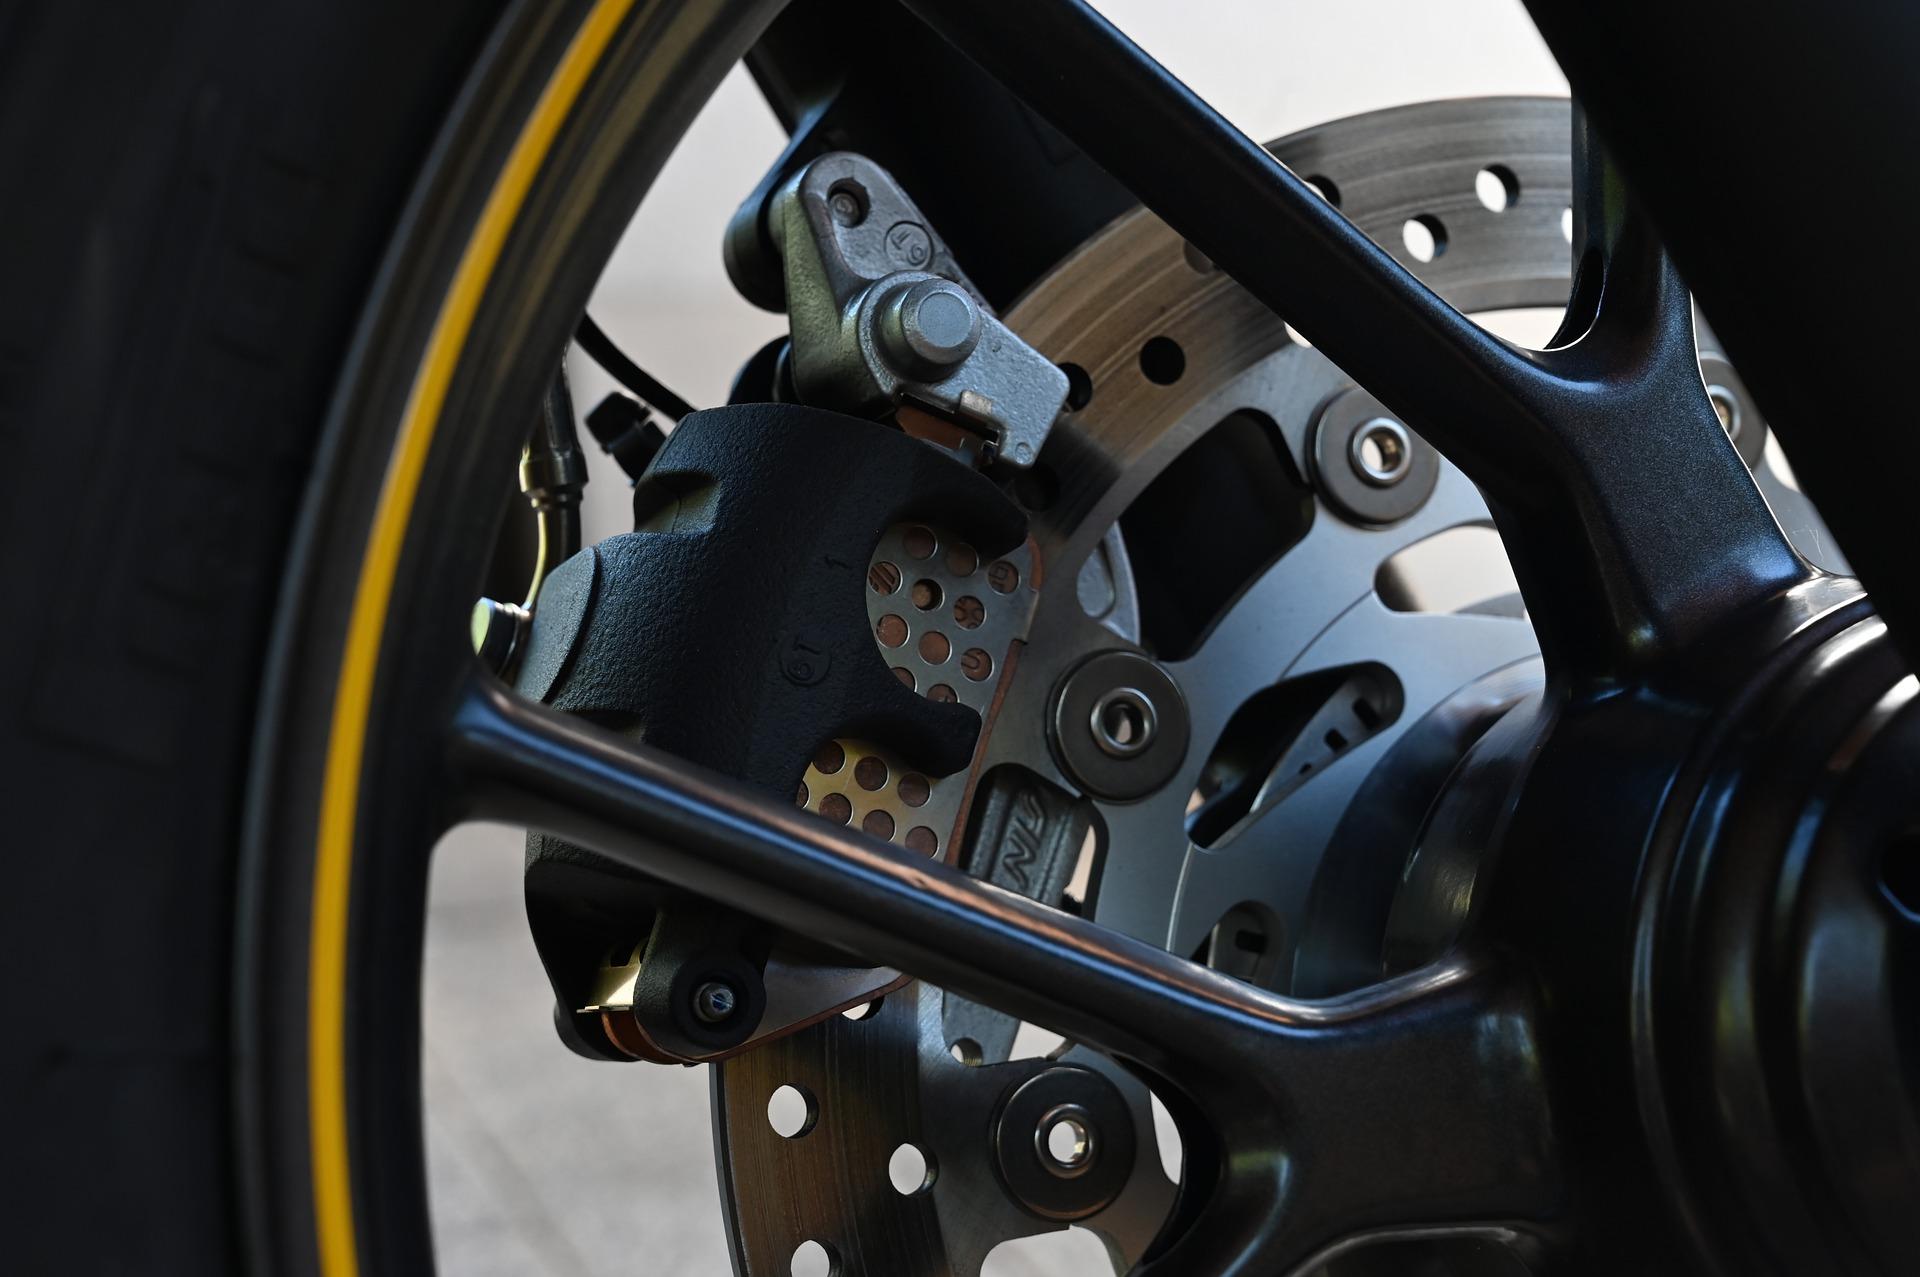 Qué son los frenos ABS y cuál es su funcionamiento - Frenos Bolca